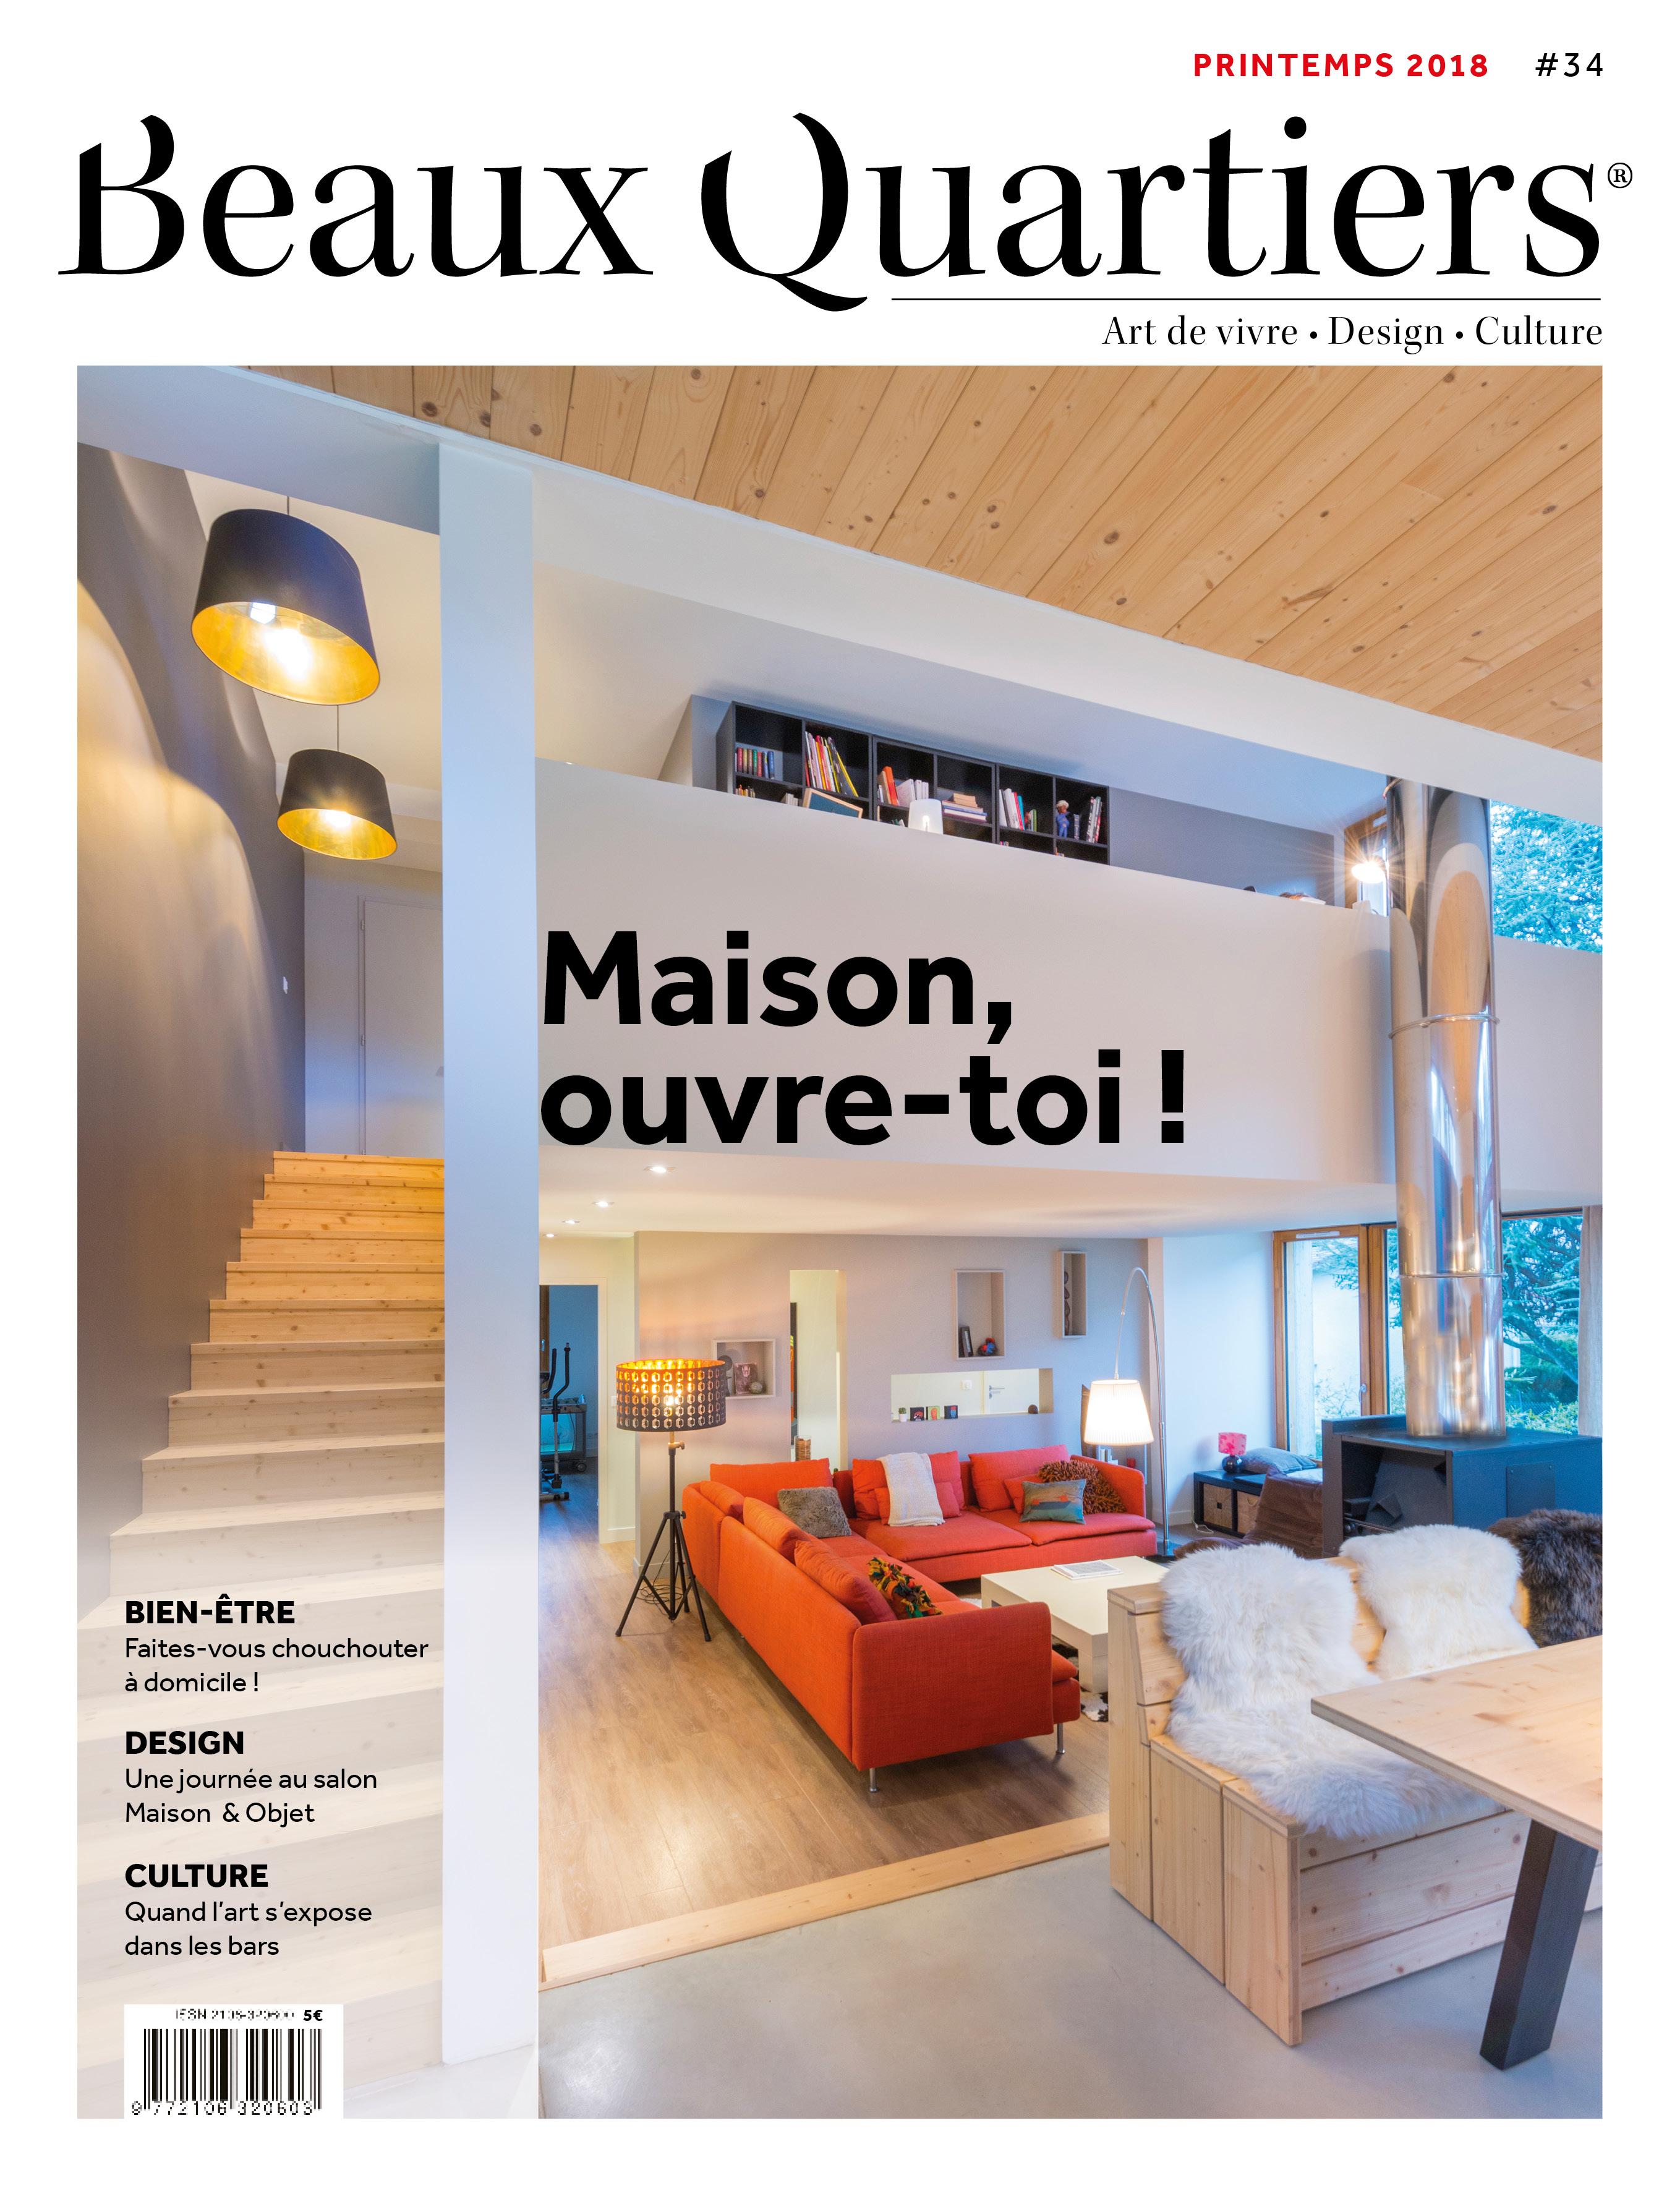 Beaux Quartiers 34 – Printemps 2018